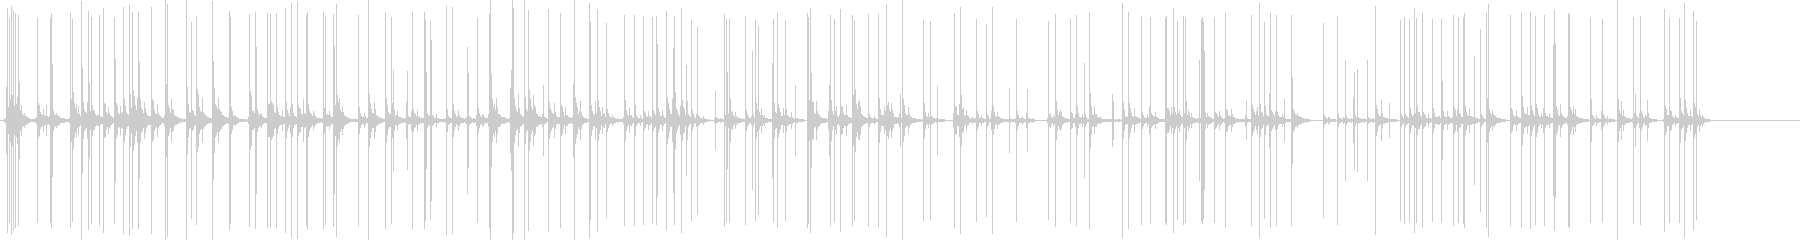 爆発する爆竹の未再生の波形